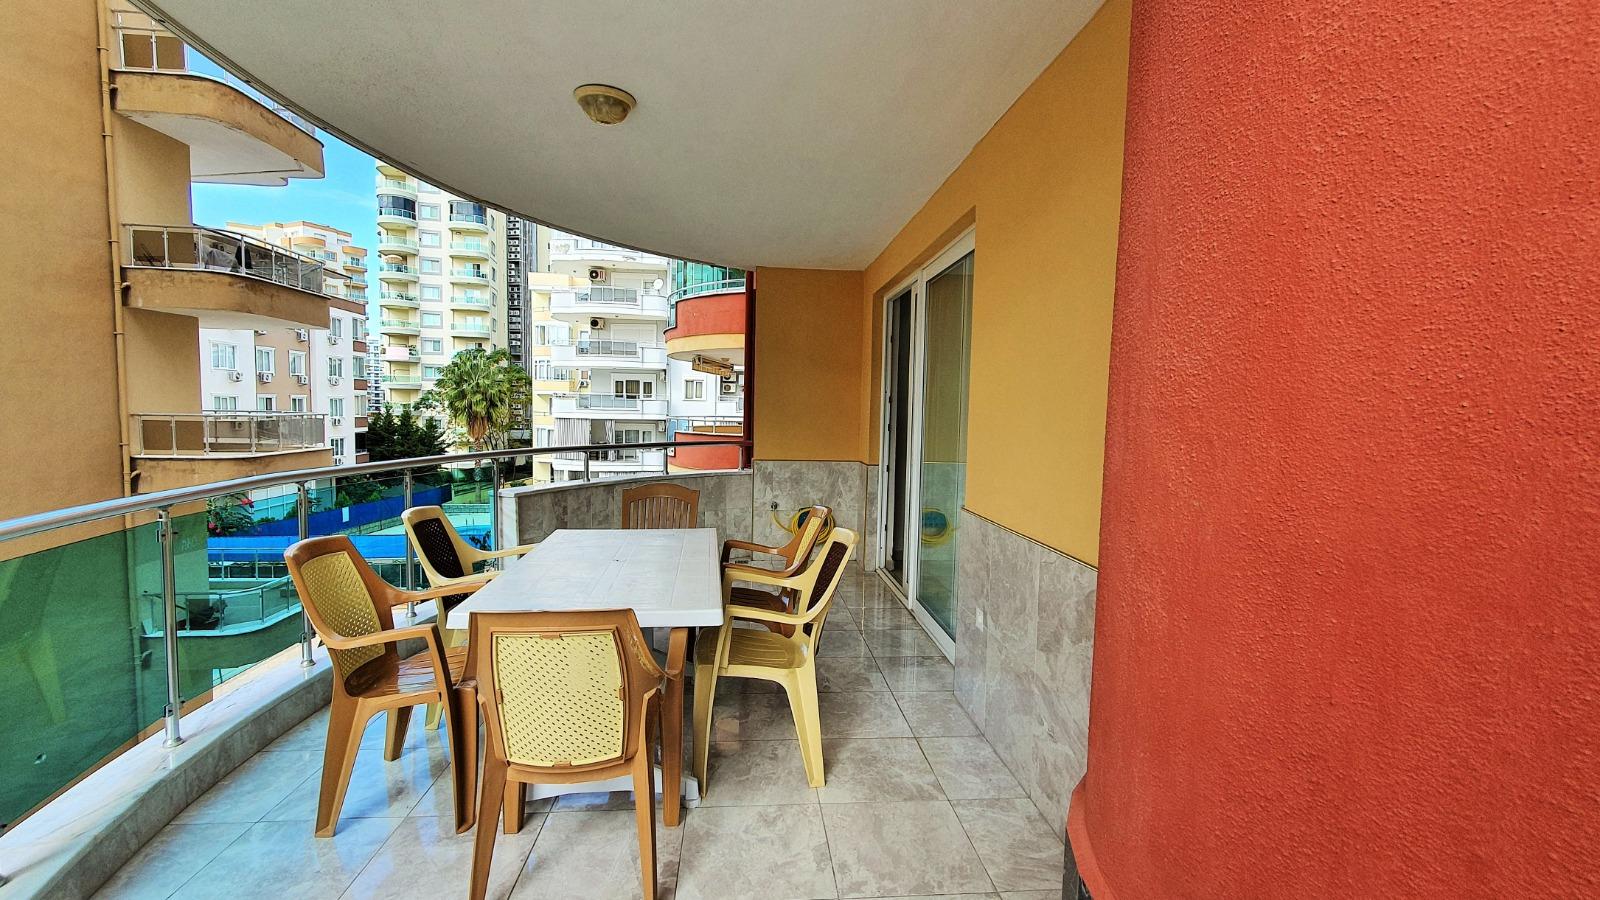 Квартира 2+1 в районе Махмутлар - Фото 26